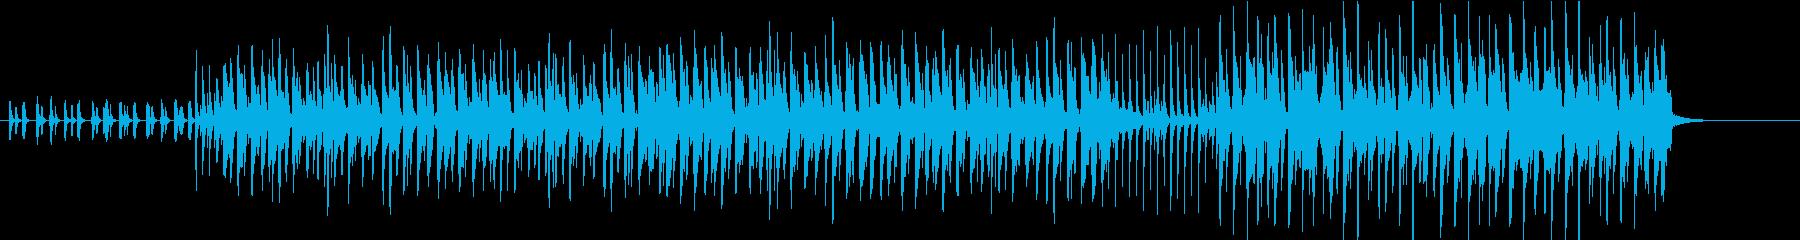 レシピ系動画で使えそうな軽快な曲の再生済みの波形